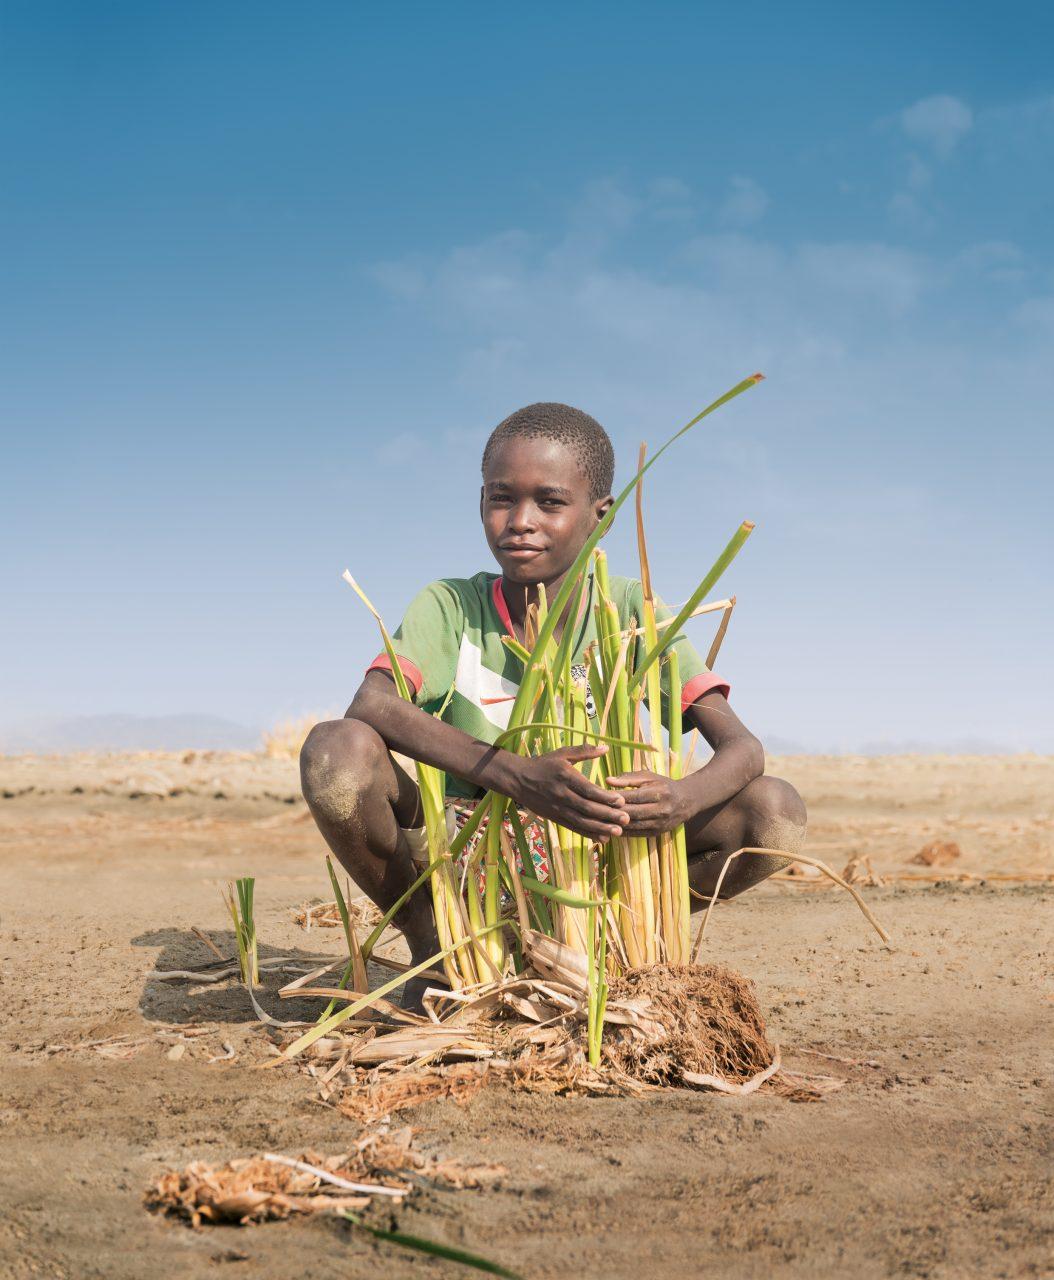 Plakatmotiv zur Aktion Dreikoenigssingen 2017: Fuer das Sternsinger-Plakat 2017 hat sich Pablo fotografieren lassen. Mit seinen Eltern und sechs Geschwistern lebt der Elfjaehrige am Turkanasee. Das Wasser im See wird von Jahr zu Jahr weniger und zunehmend salziger. Das beunruhigt Pablos Vater Simon sehr. Er ist Fischer, und der Turkanasee ist fuer ihn und seine Familie lebenswichtig.